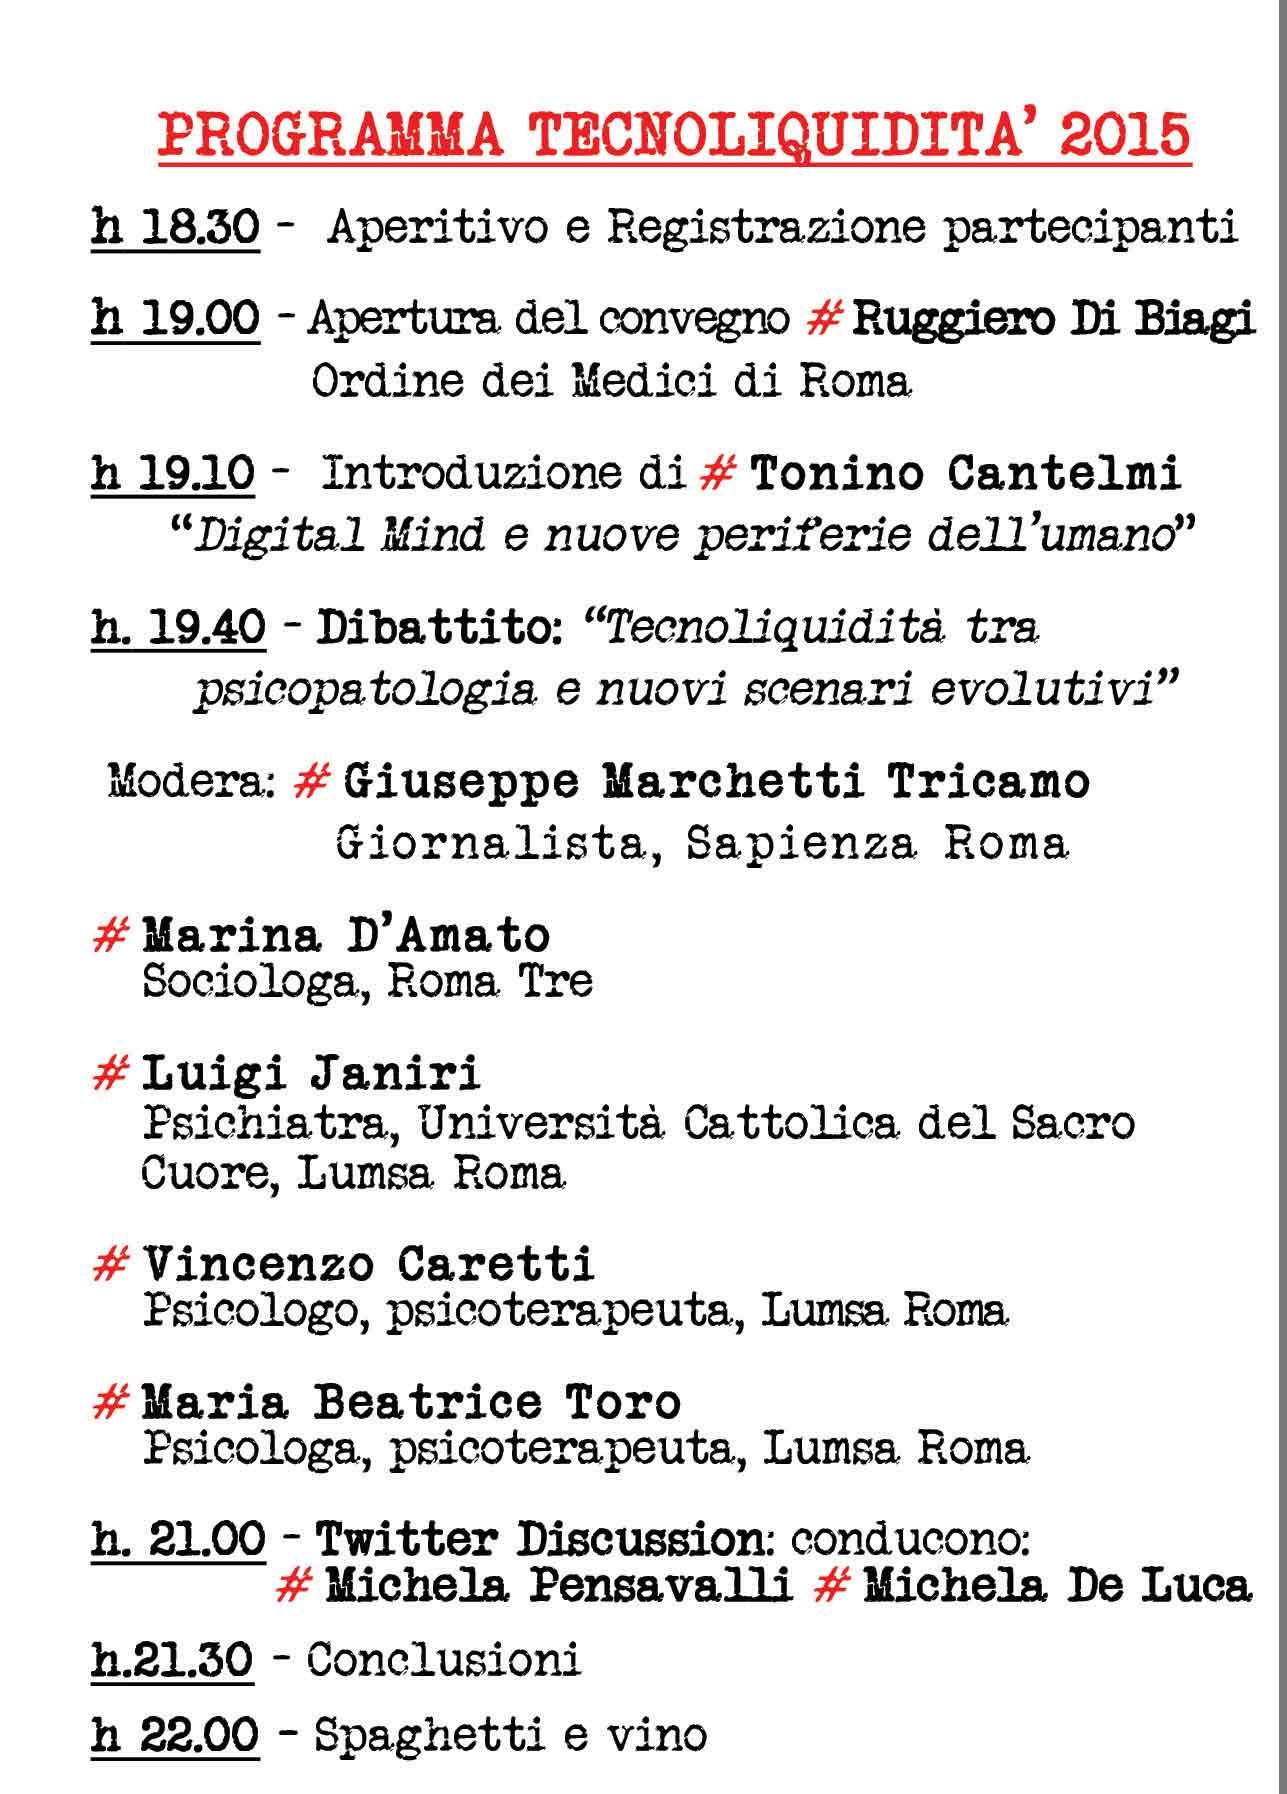 Tecnoliquidità 2015 - Tonino Cantelmi